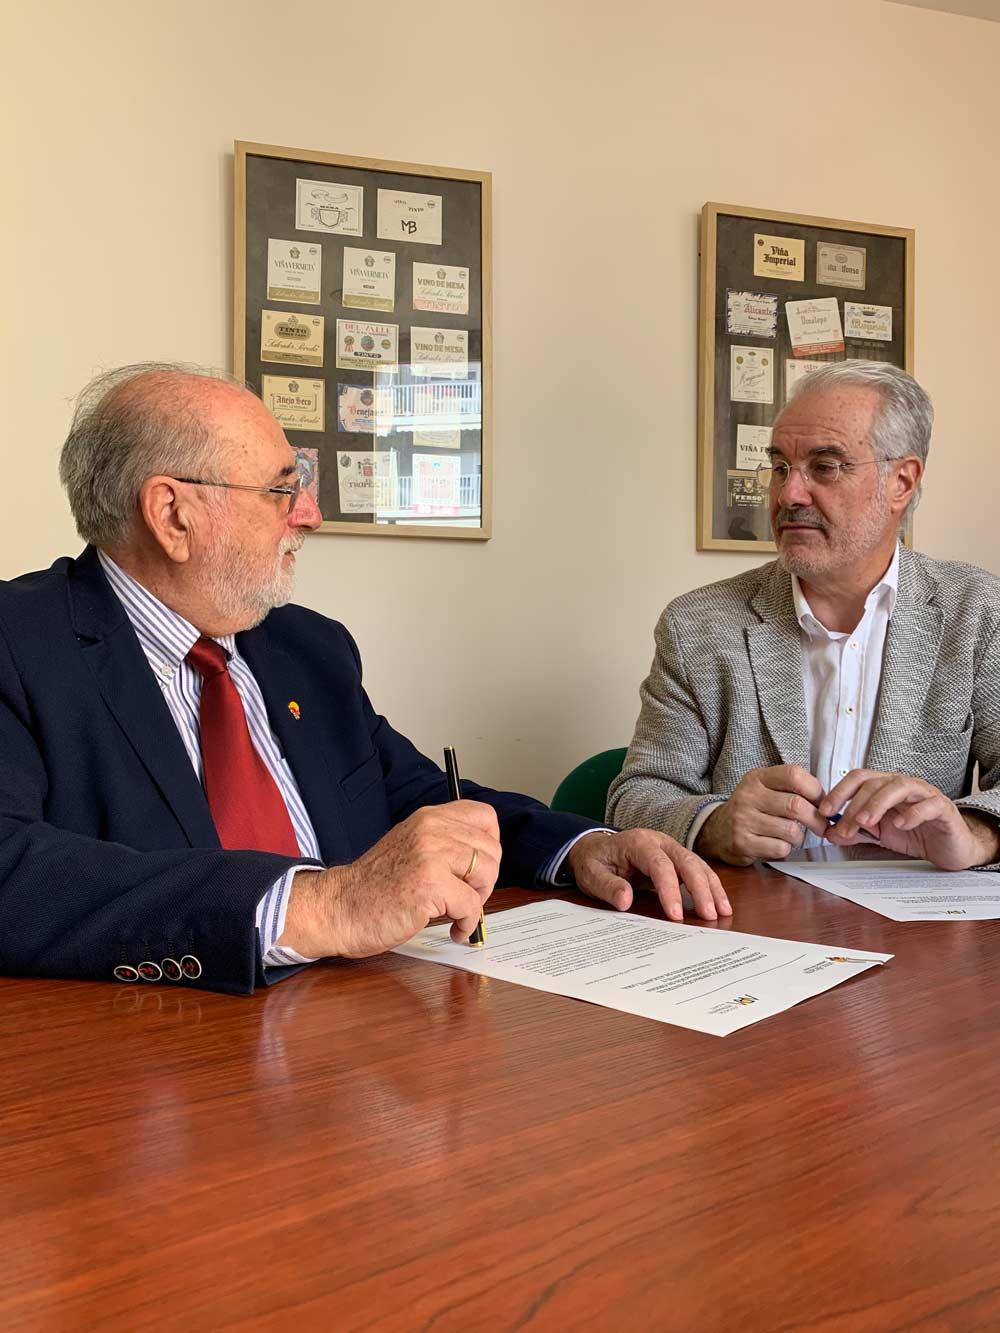 Vinos Alicante DOP y ARA firman convenio de colaboración en Alicante